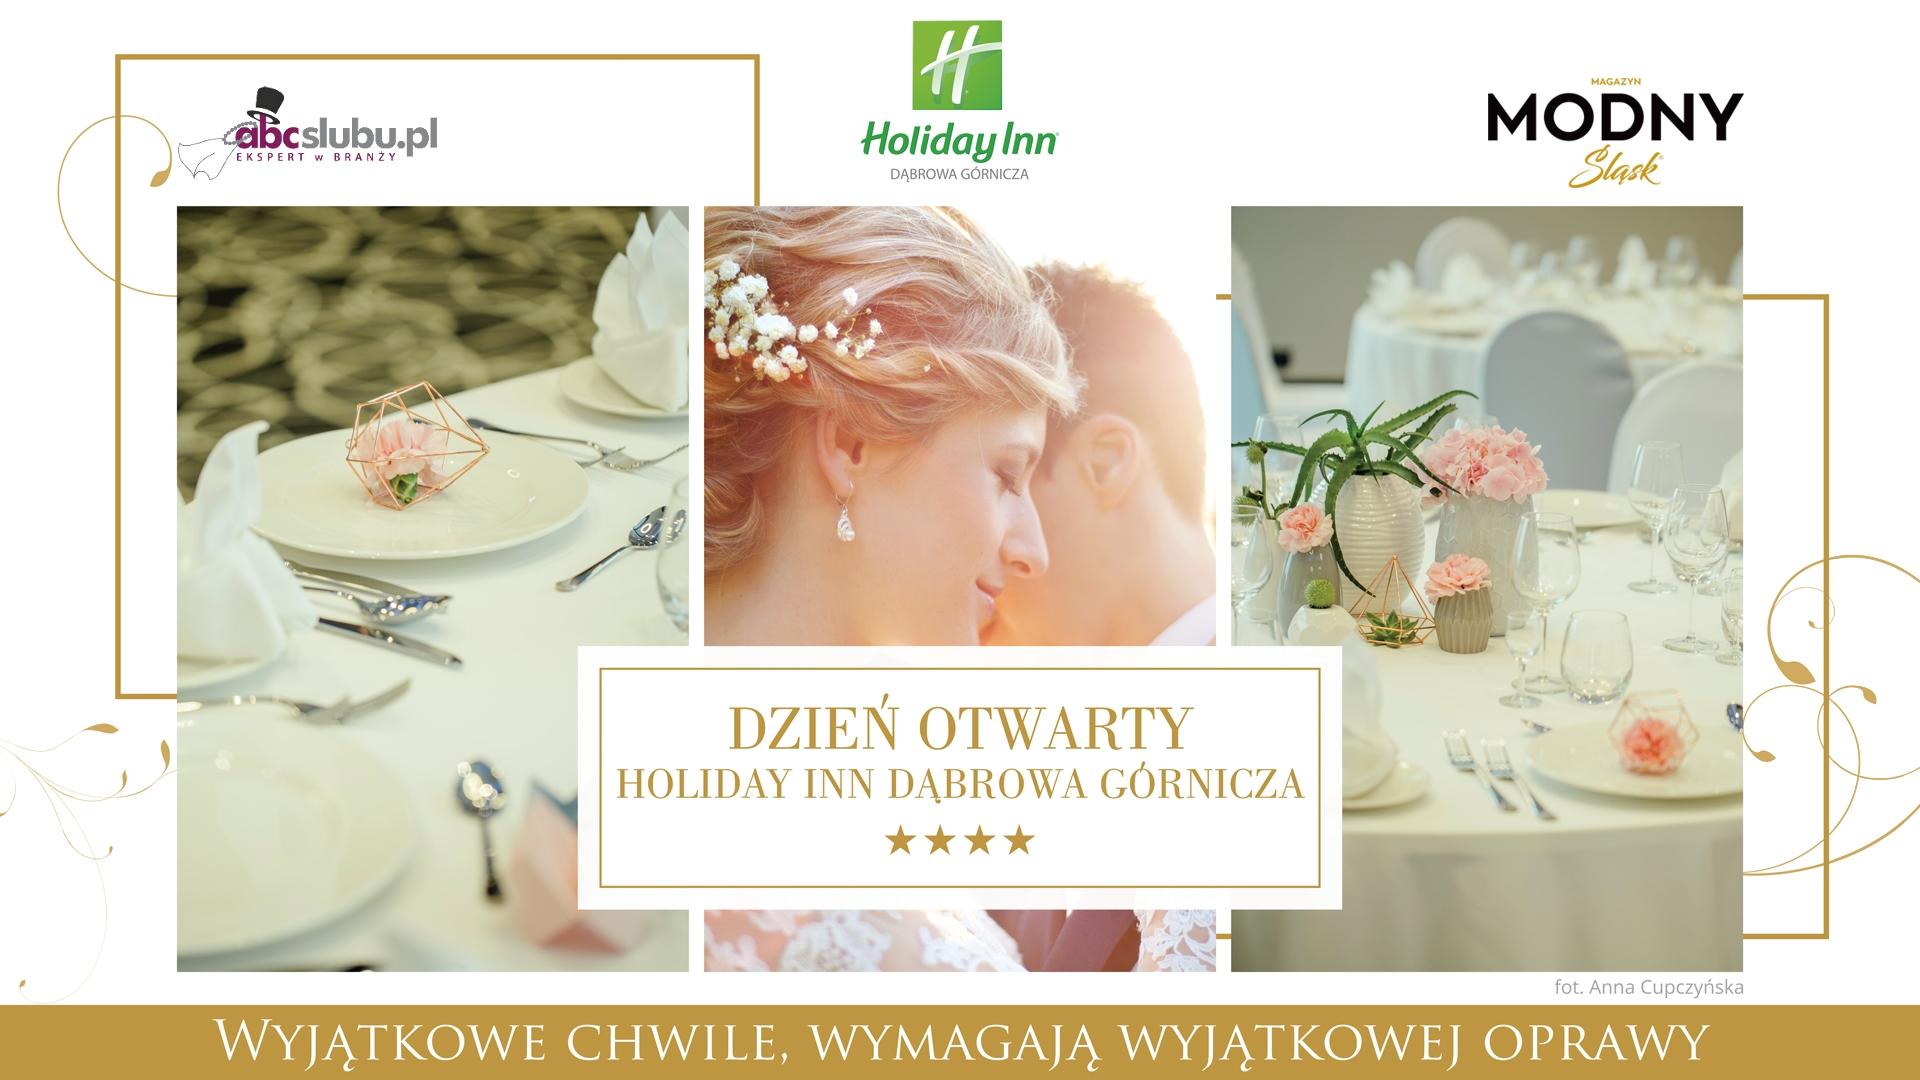 18 luty 2017, Targi Ślubne - Dzień Otwarty w Holiday Inn Dąbrowa Górnicza